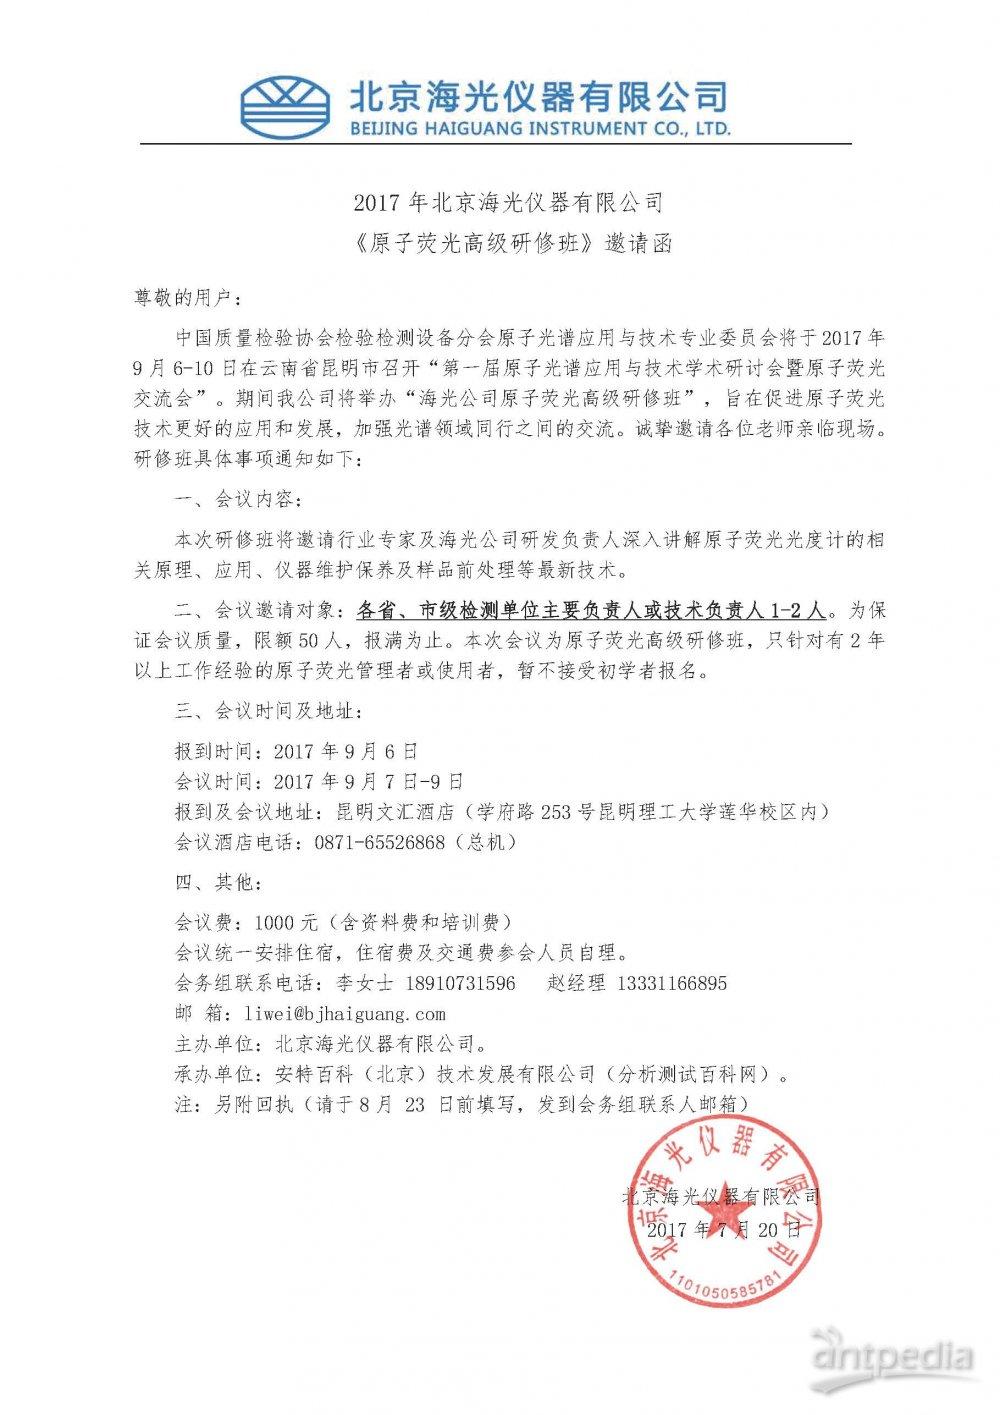 2017年海光仪器昆明荧光研修班邀请函_页面_1.jpg